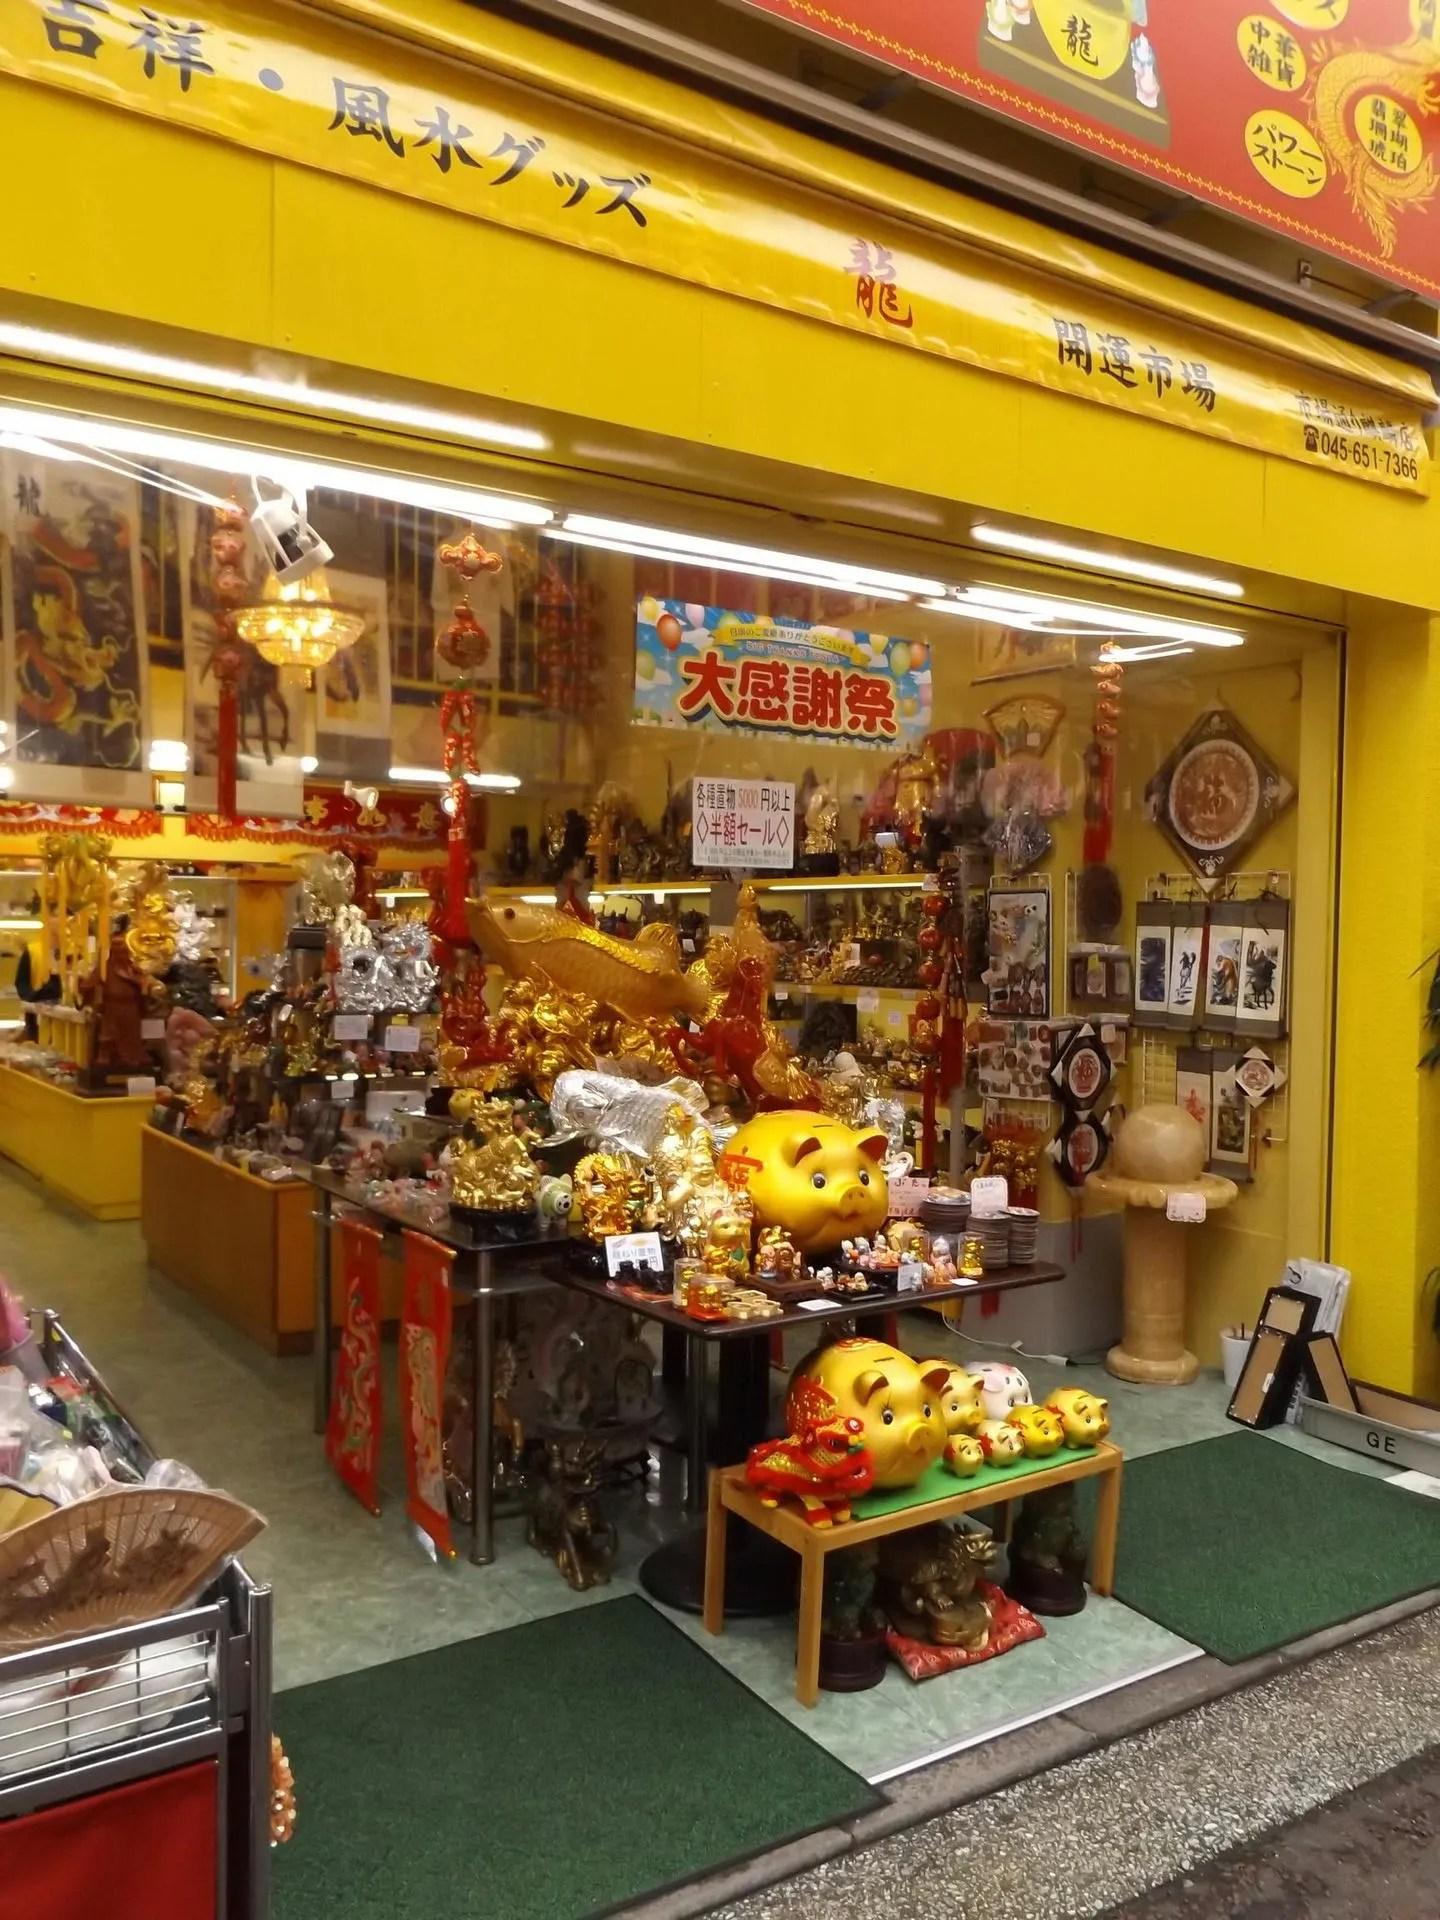 いつの間にか「龍(ギフトショップ・土産屋)」が中華街で數店舗 ...